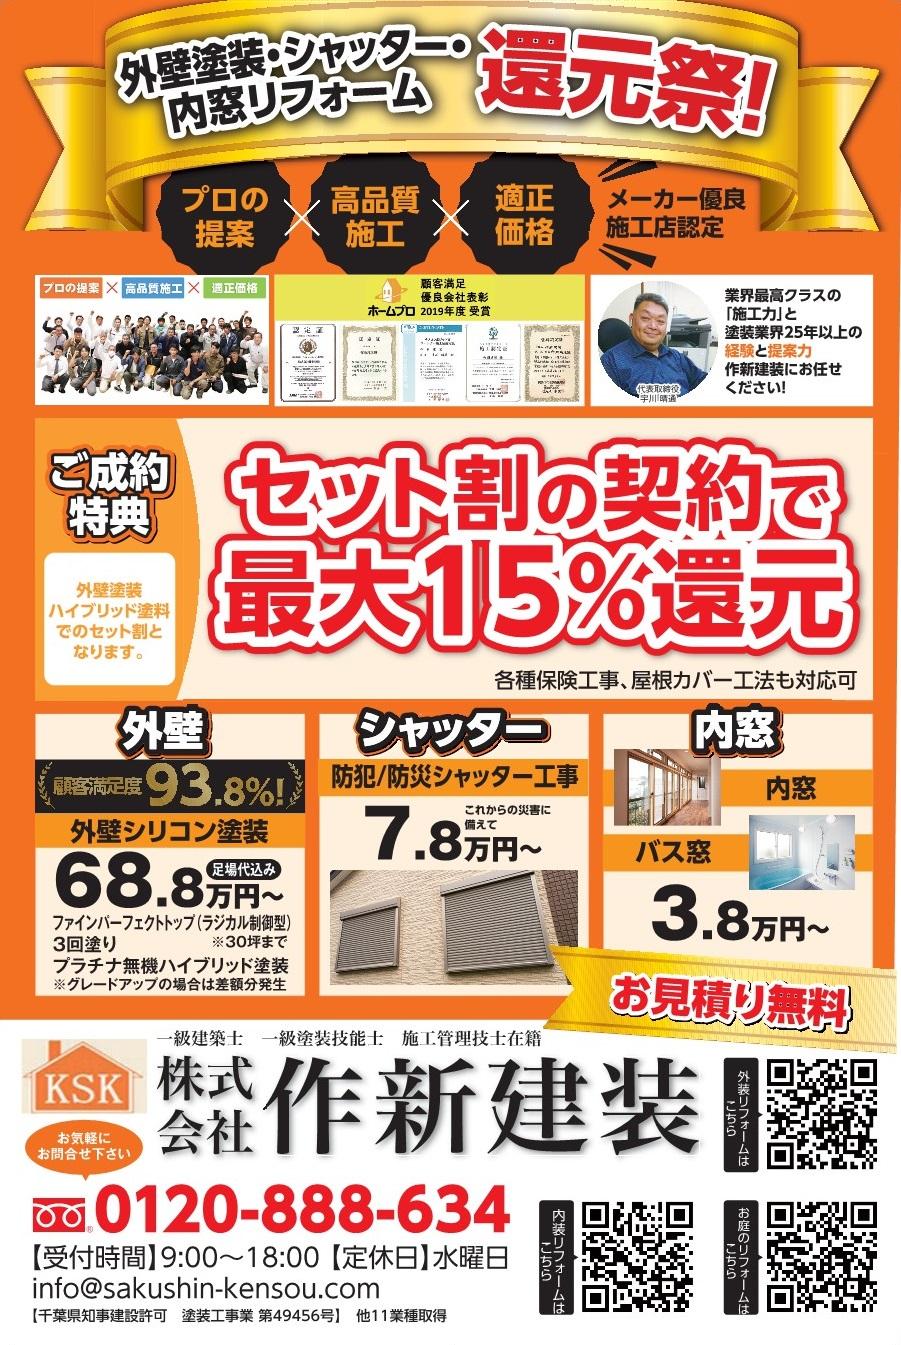 0108作新建装 八千代台店様-01-01-01-01-01-01-01-01_1.jpg